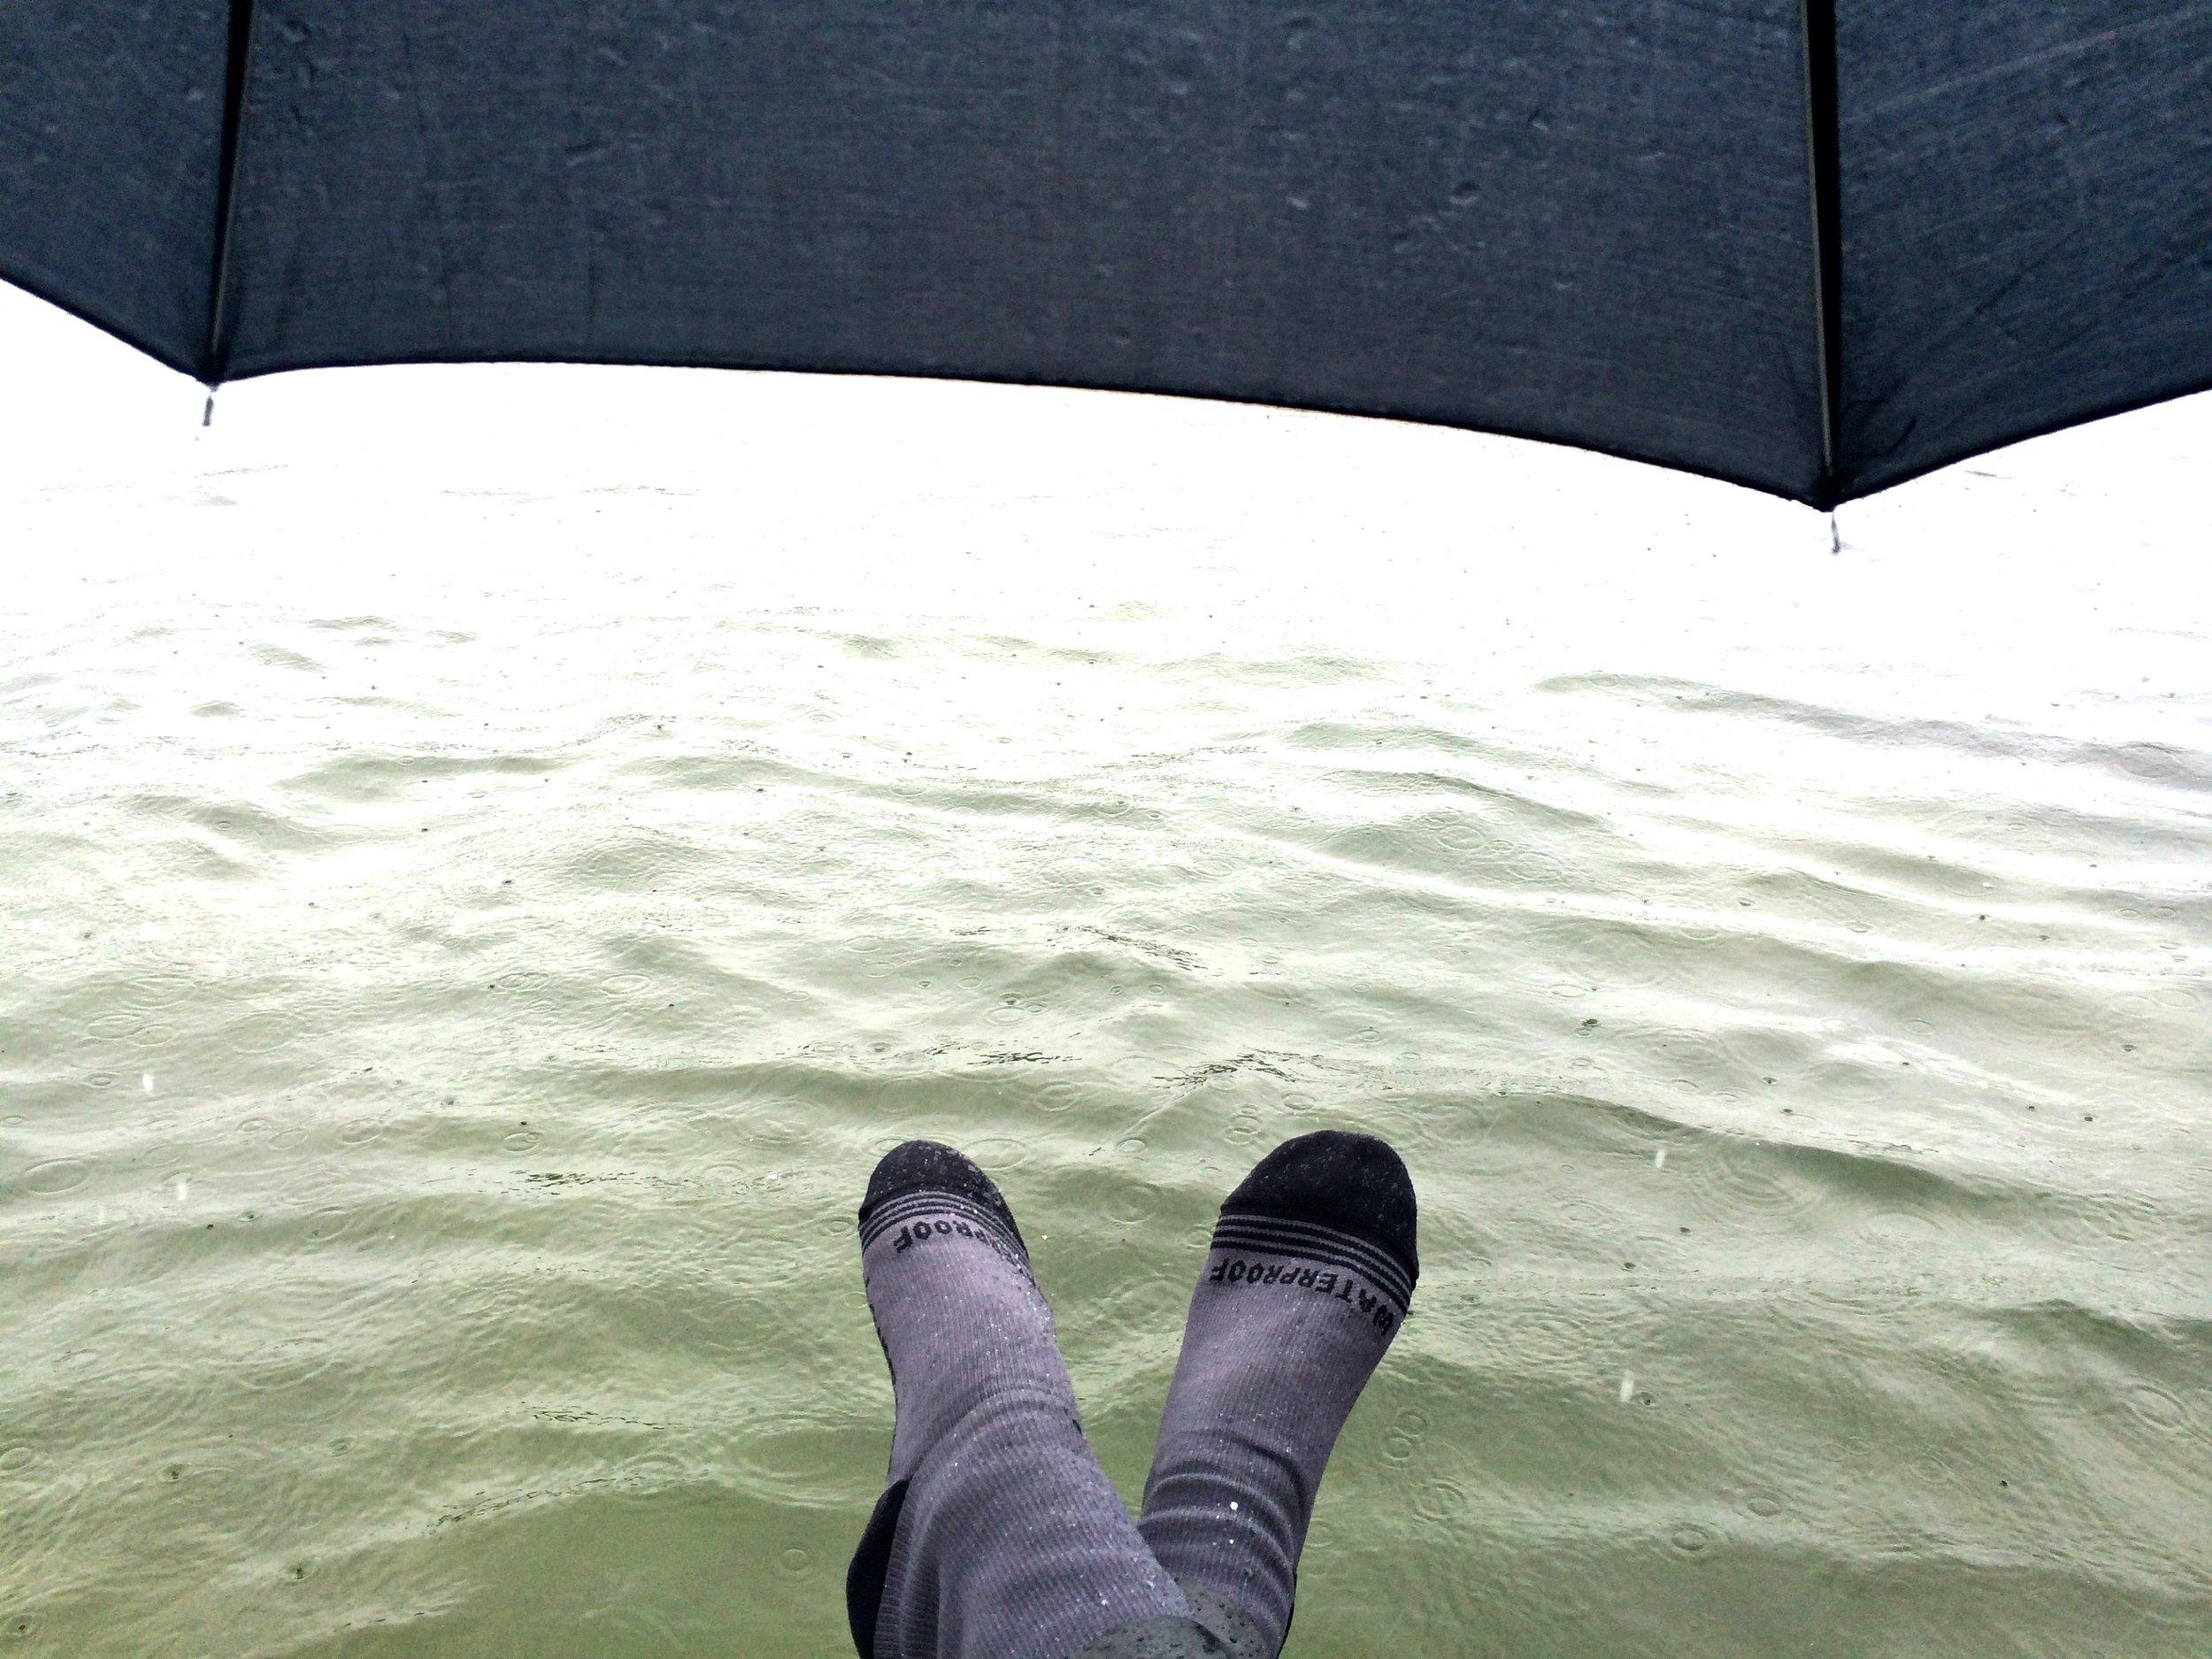 Showers Pass Waterproof Socks - Holiday Gift Guide - whatthegirlssay.com